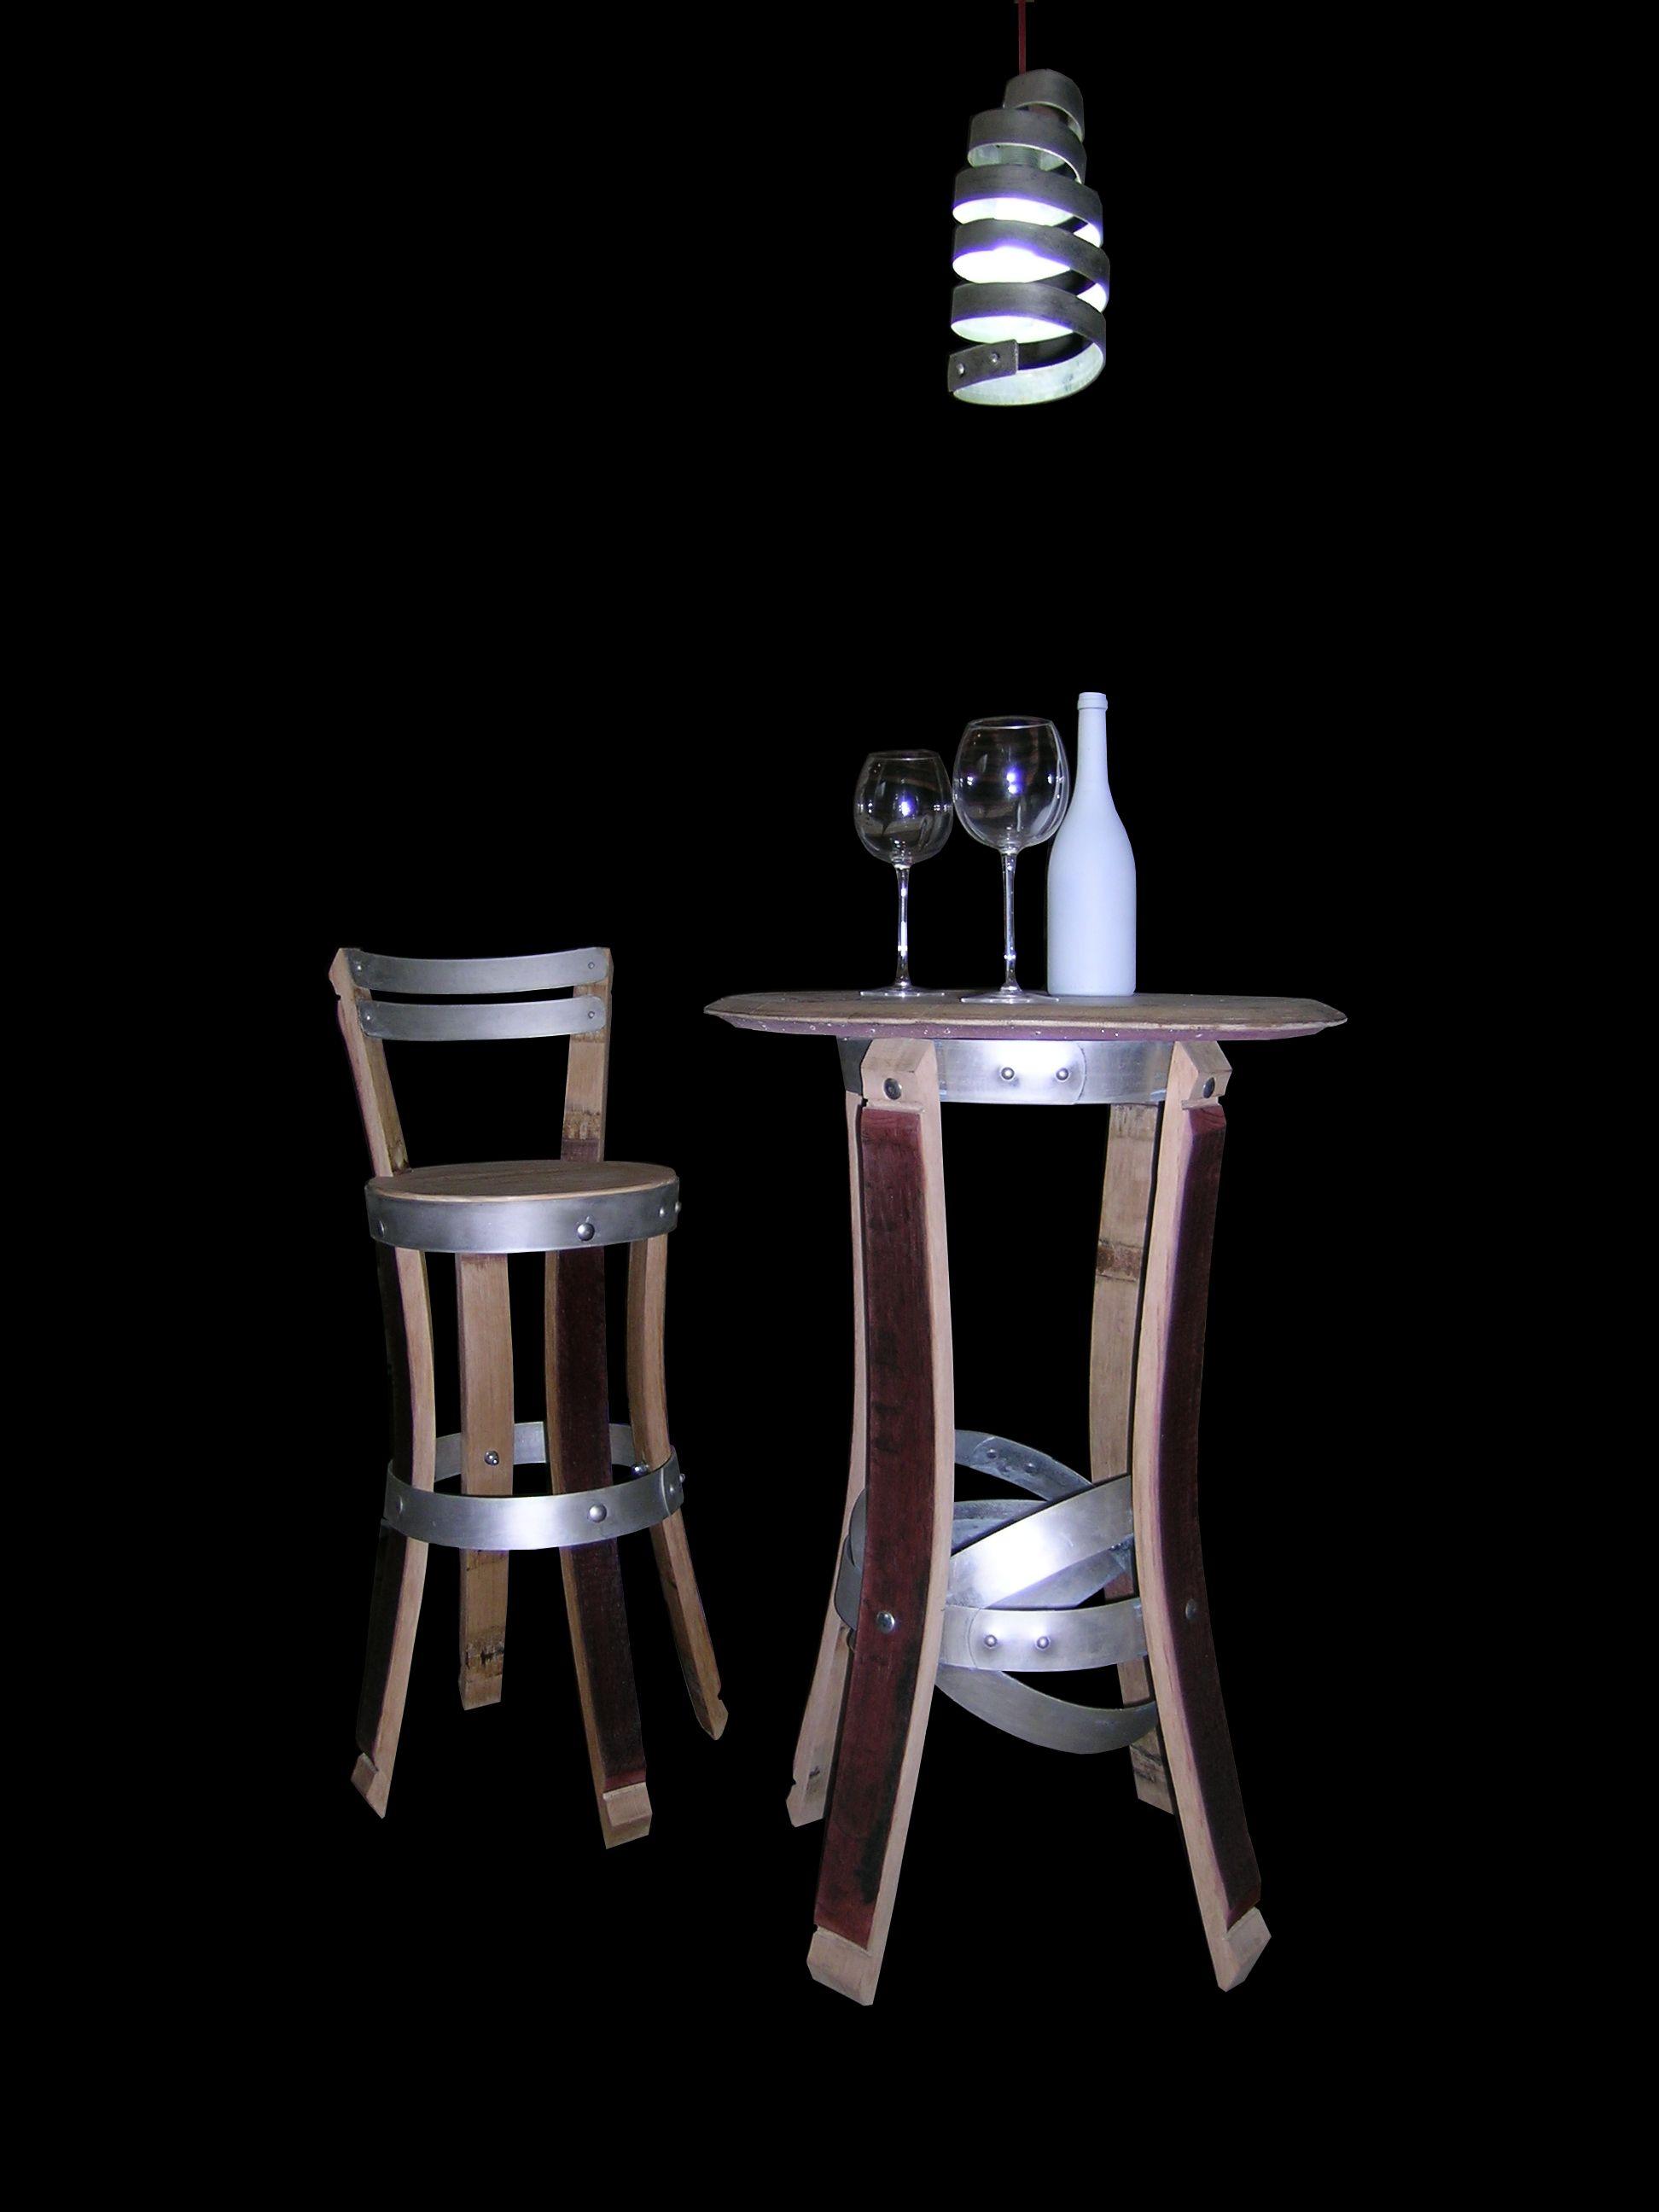 chaise haute et mange debout, réalisé en douelles de tonneaux de ... - Chaise Haute Pour Mange Debout